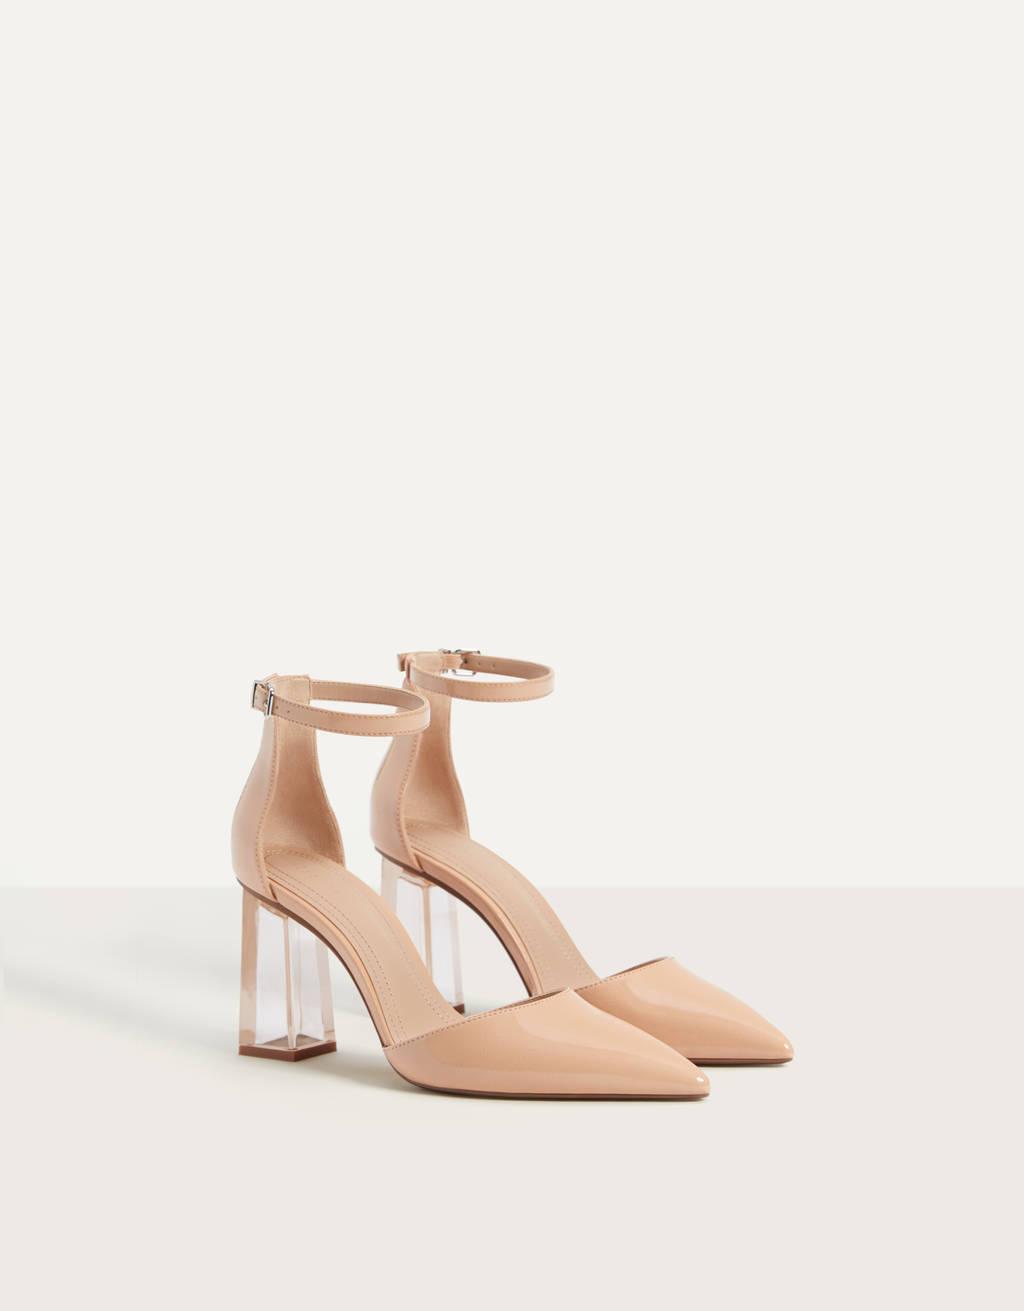 Methacrylate high heel shoes